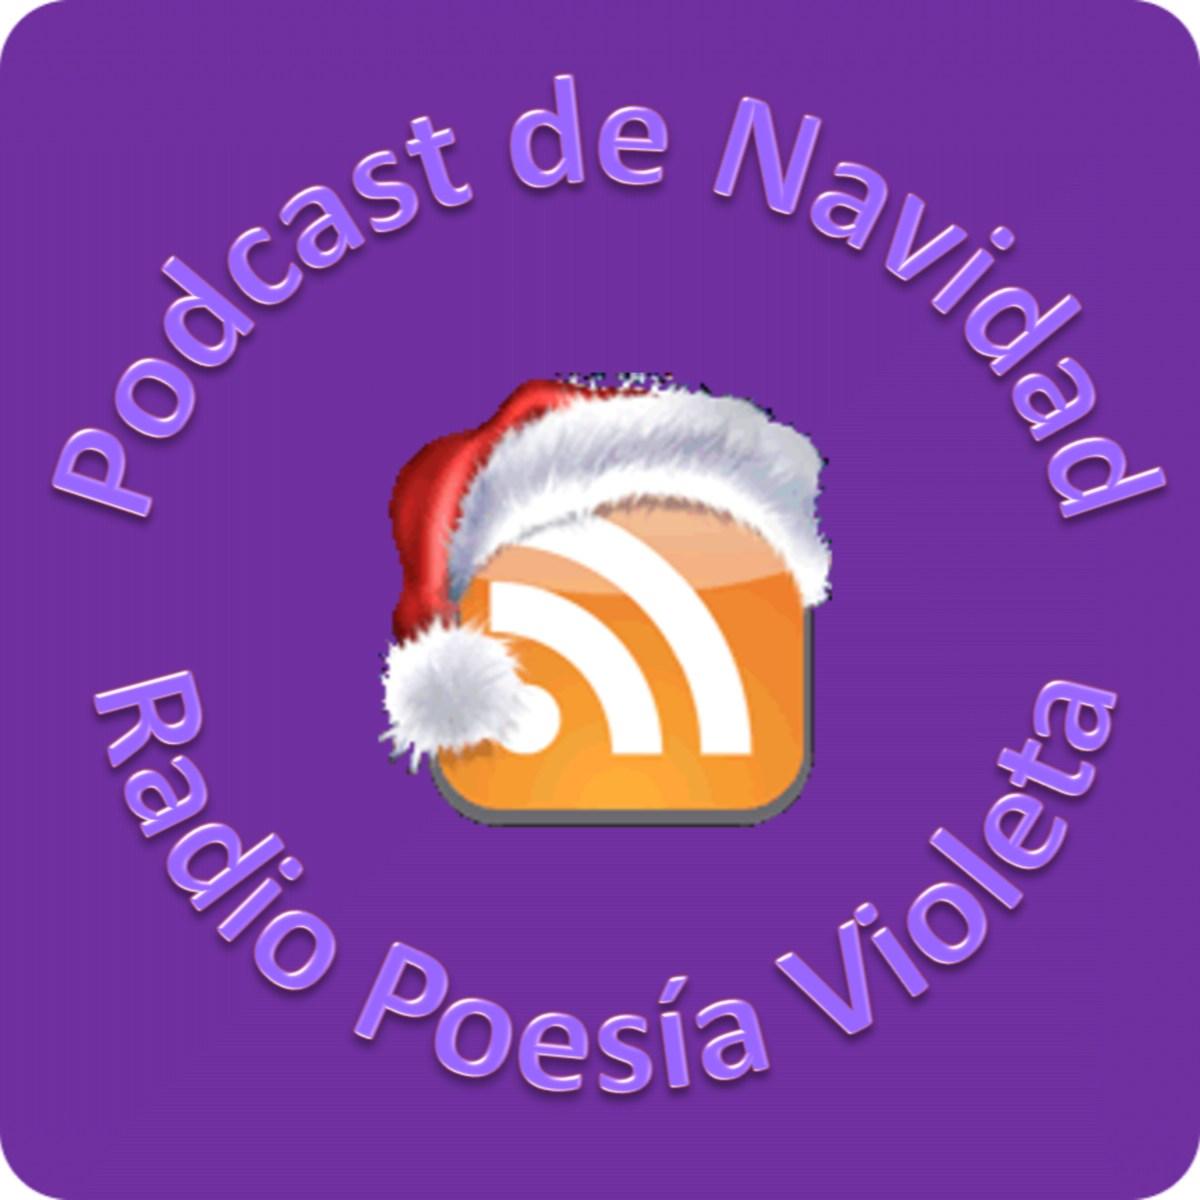 Podcast de Radio Poesía Violeta – 28/12/2020